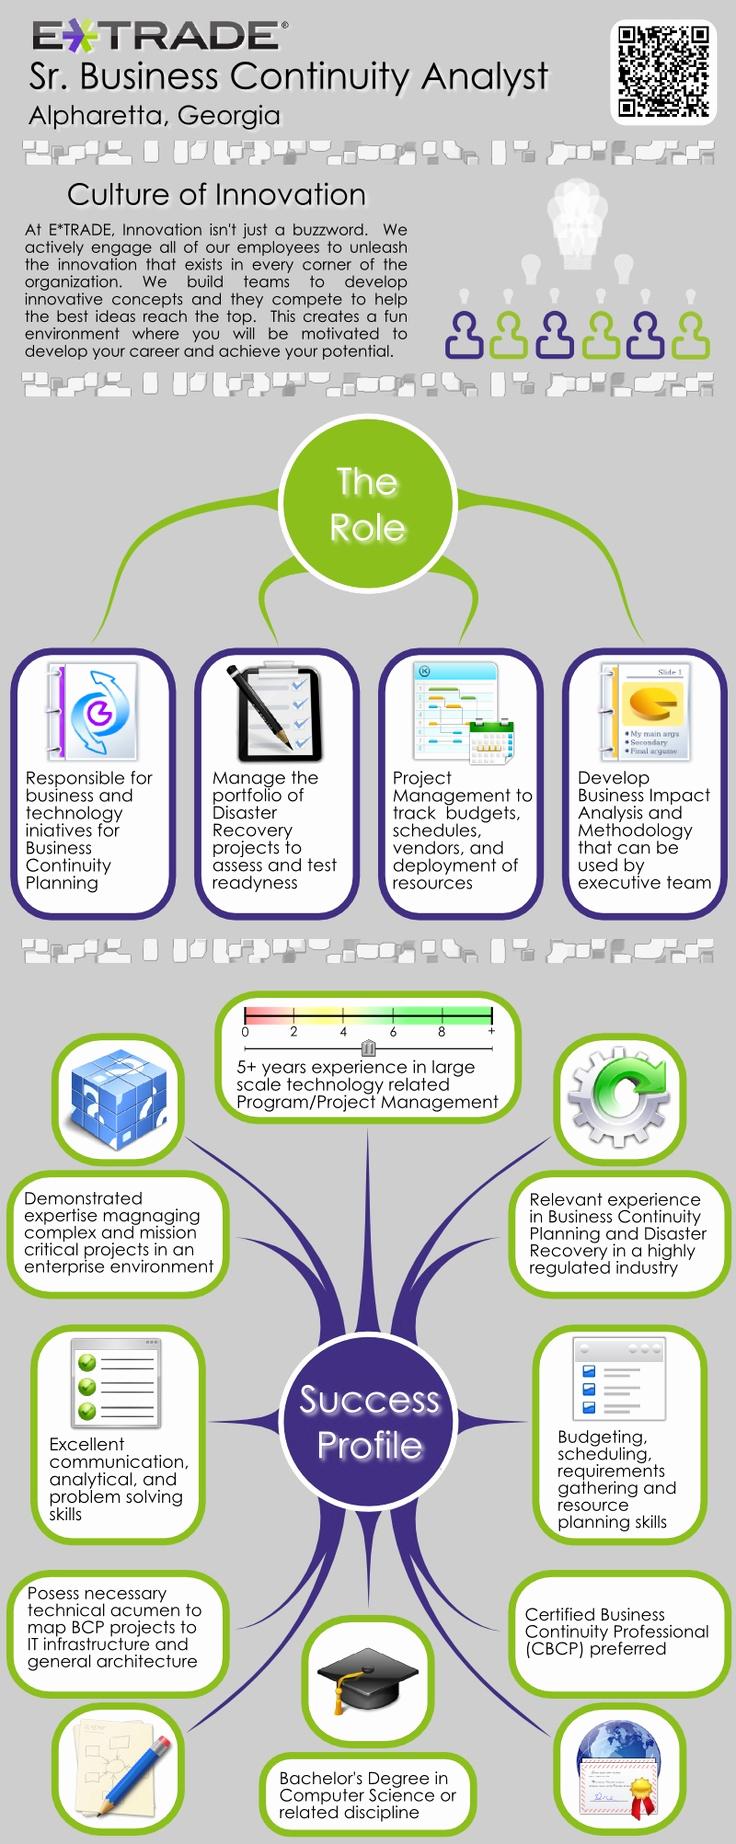 Senior Projects Manager Job Description Awesome 25 Unique Job Description Ideas On Pinterest